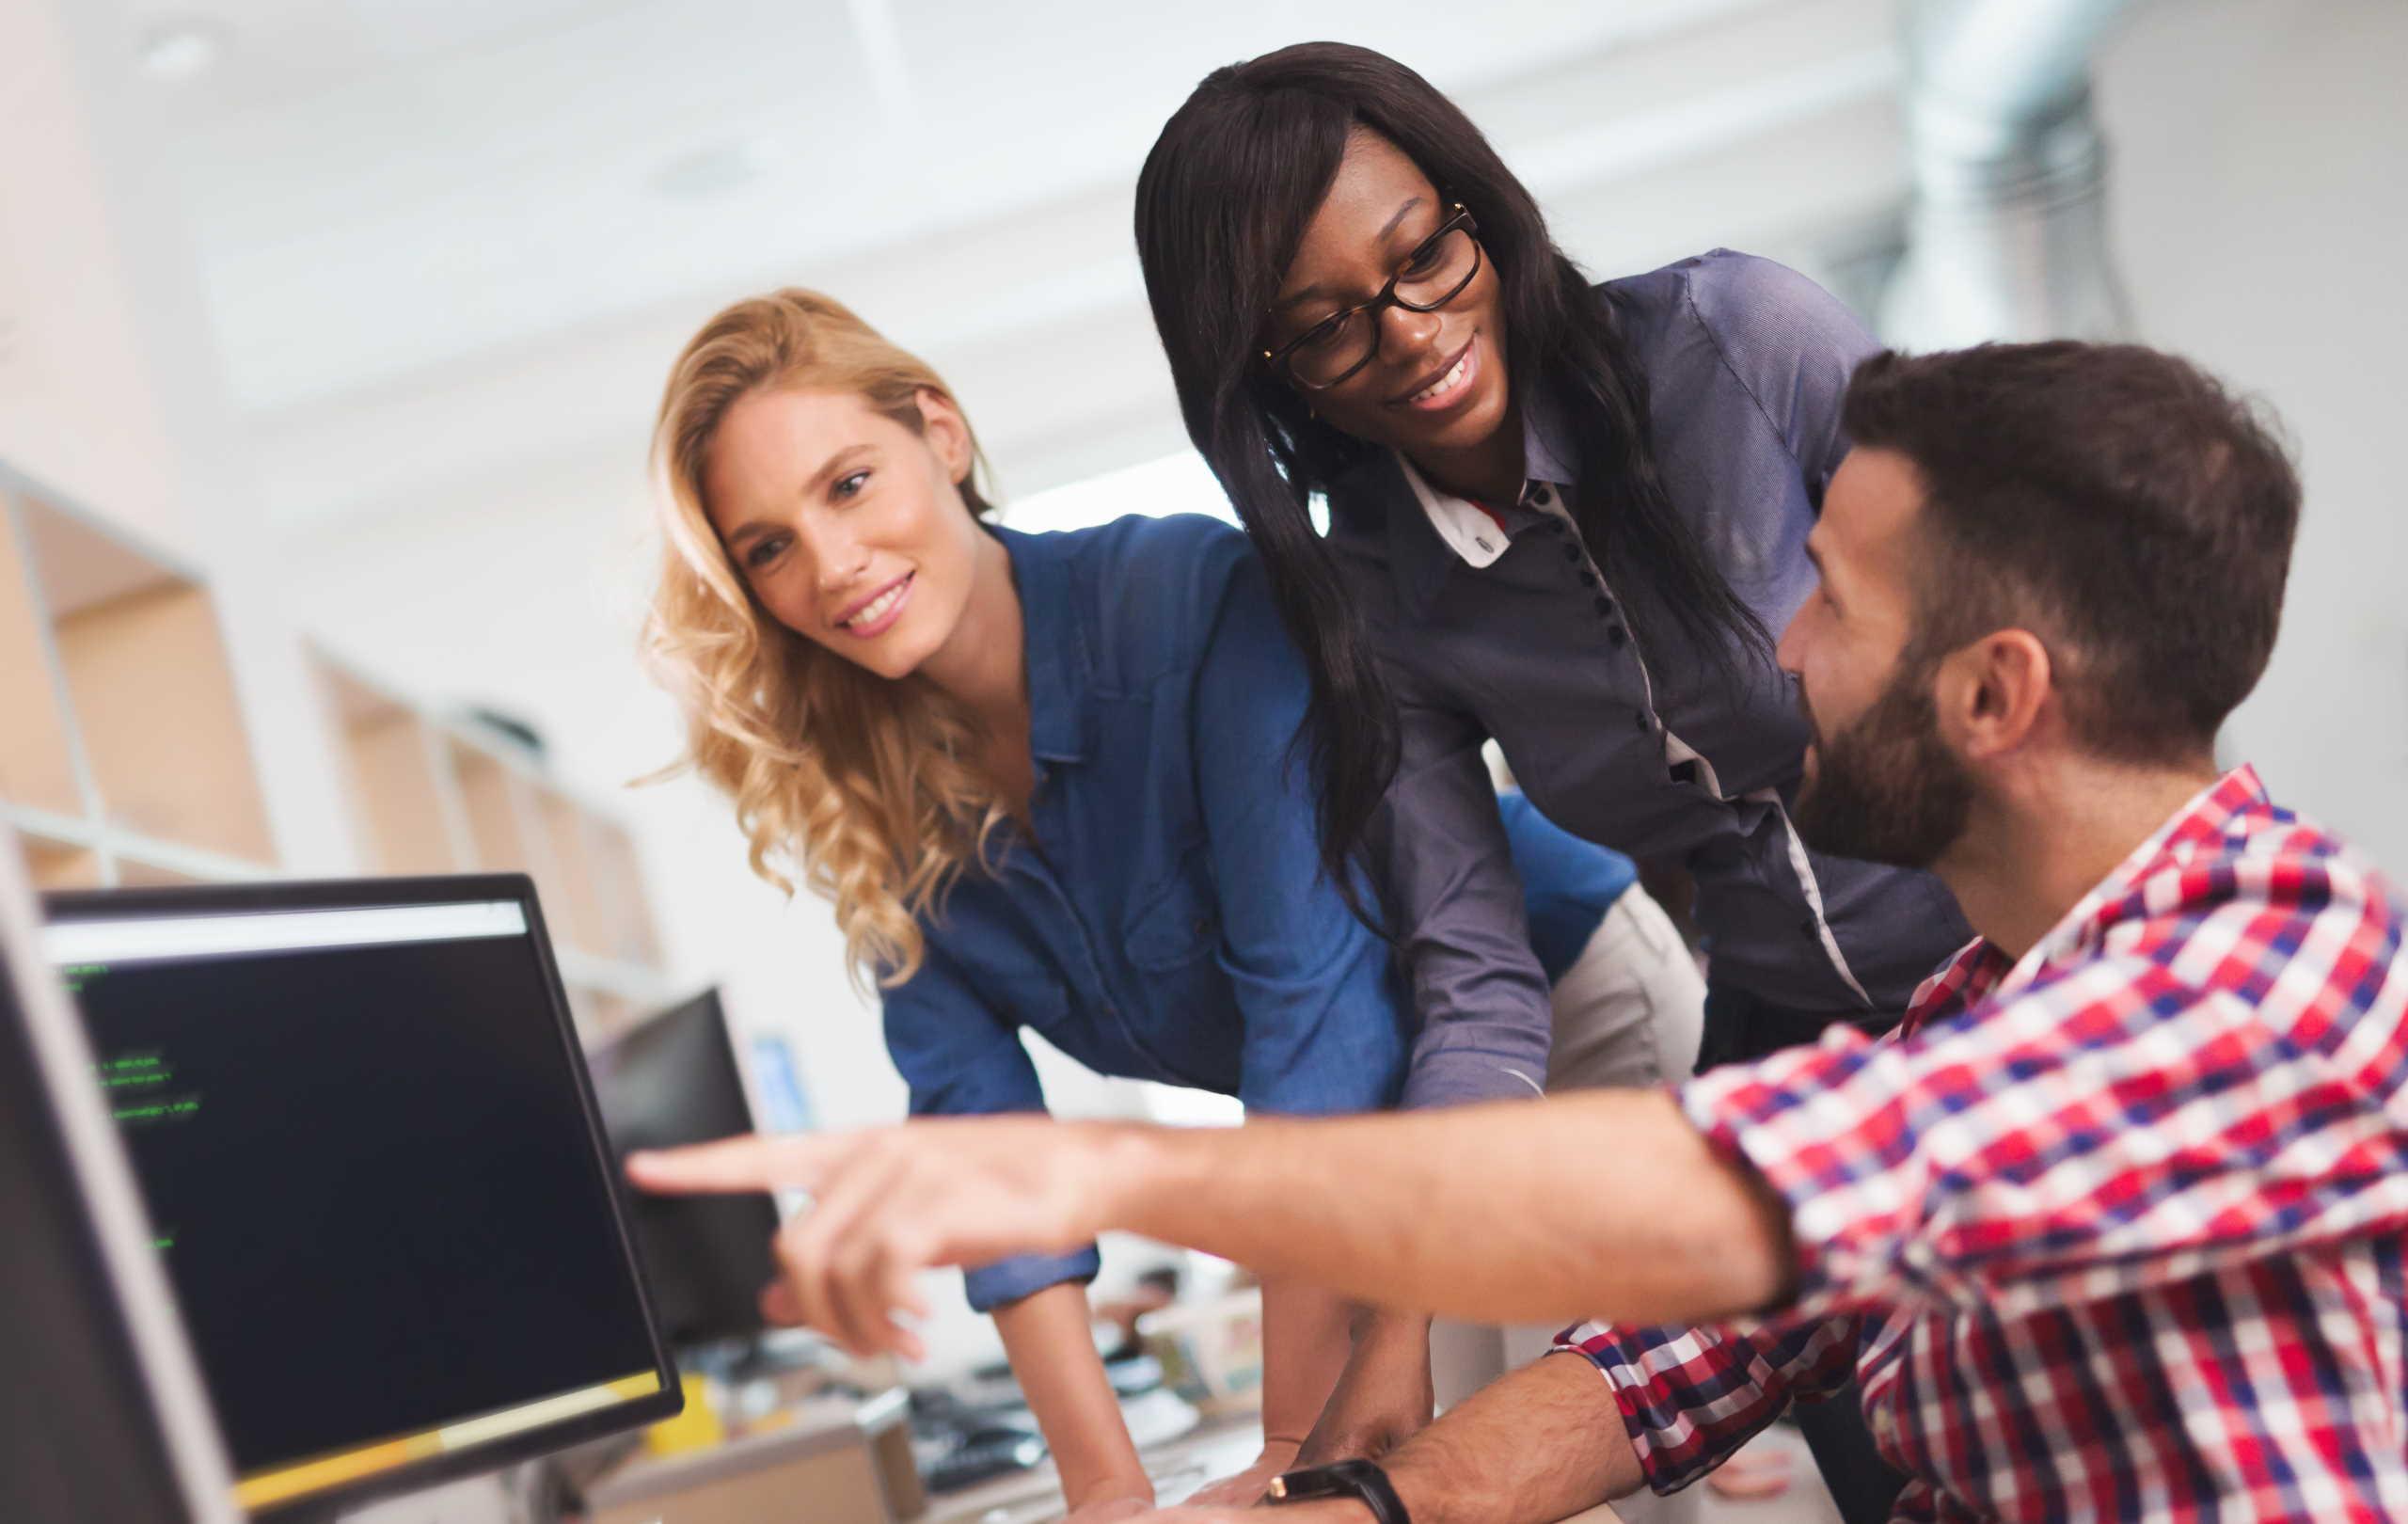 Bạn nên tham khảo các kinh nghiệm học tiếng Anh cho người mất gốc qua các phương pháp trực tuyến